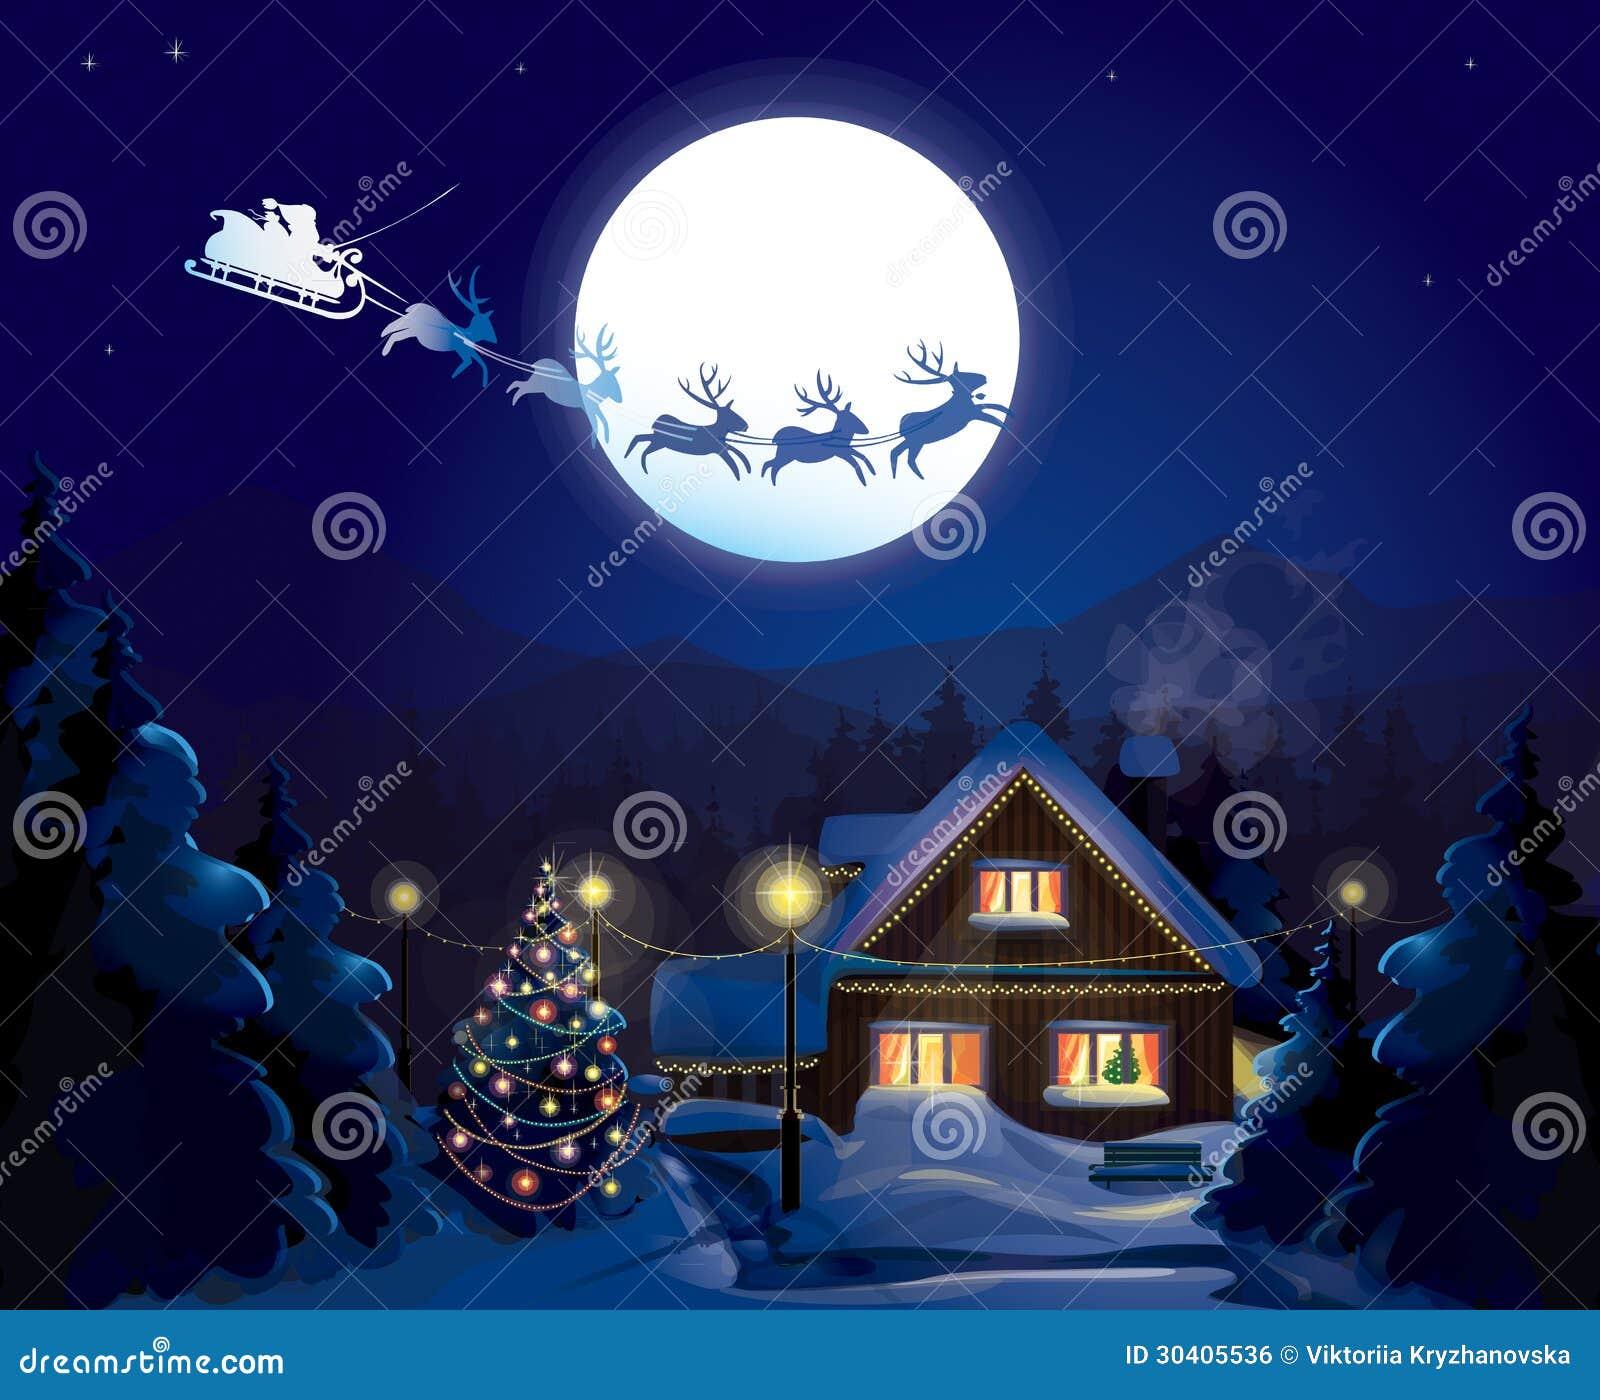 Santa Claus Sleigh, Vektor vektor abbildung. Illustration von nacht ...